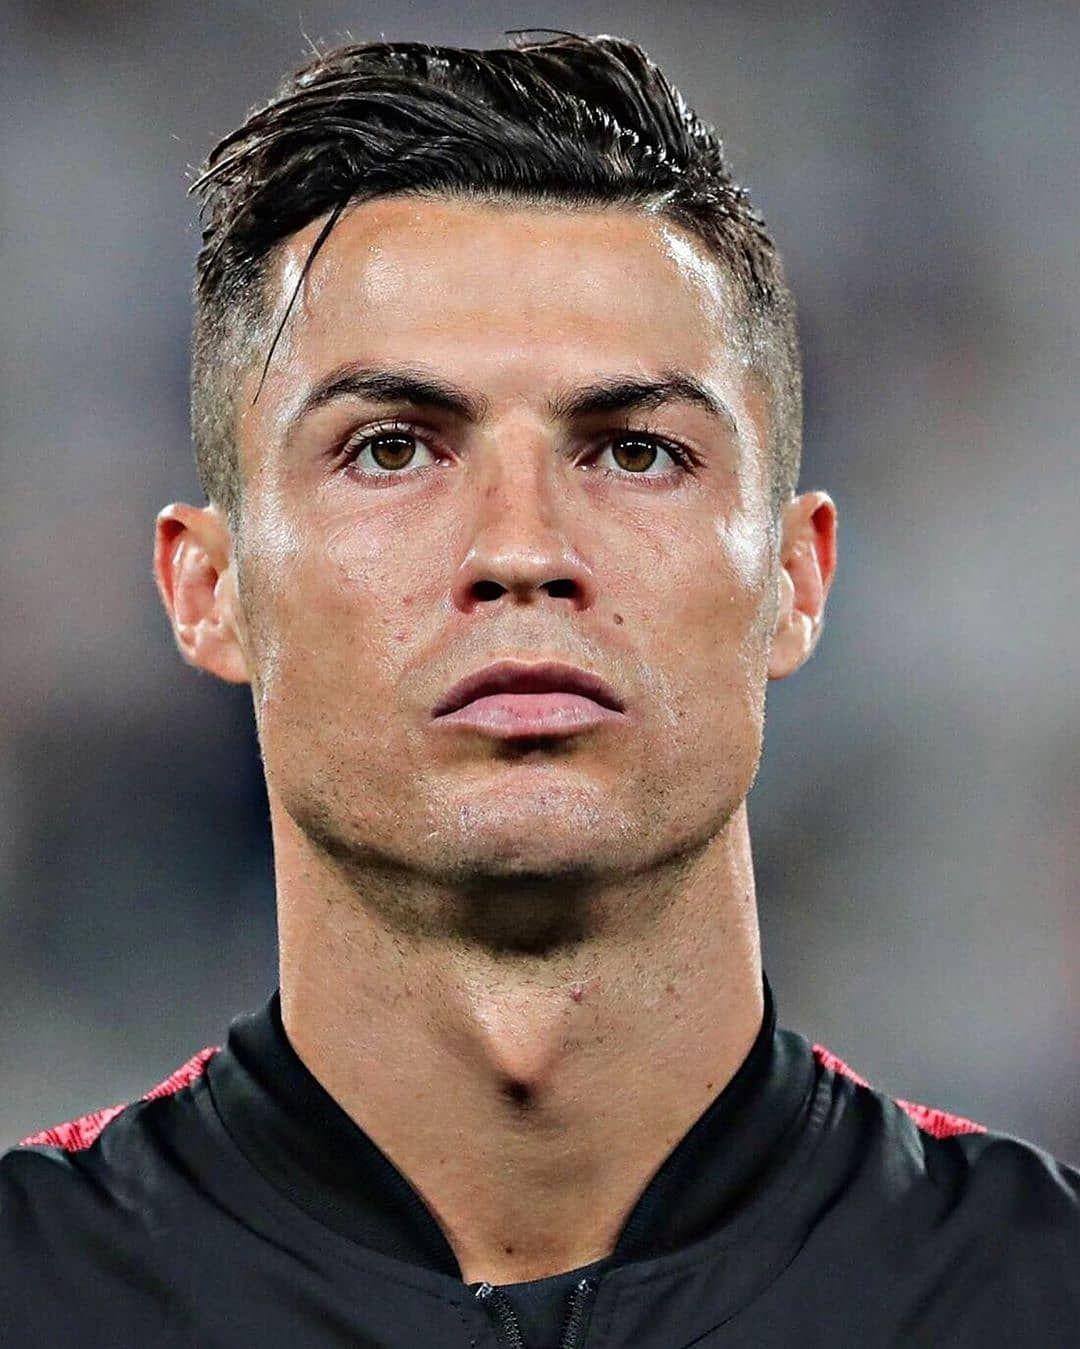 Ronaldo Cr7 Juventus Realmadrid Cristianoronaldo Cristiano Ronaldo Hairstyle Cristiano Ronaldo Body Ronaldo